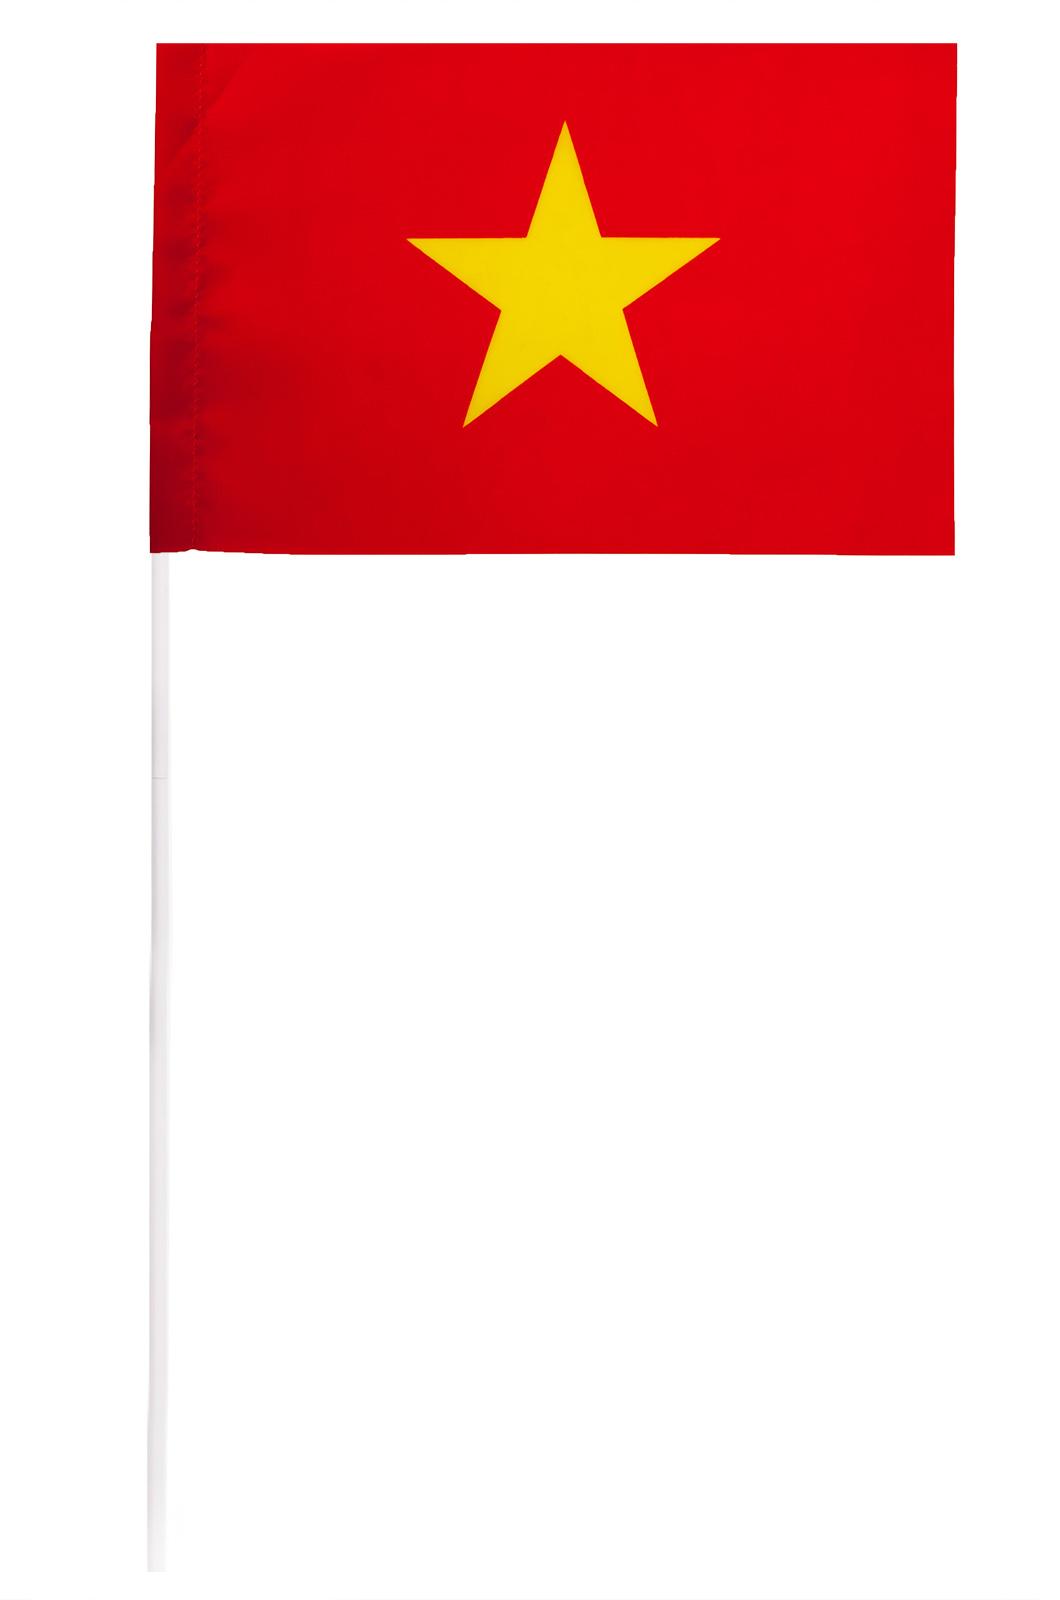 Флажок Вьетнама